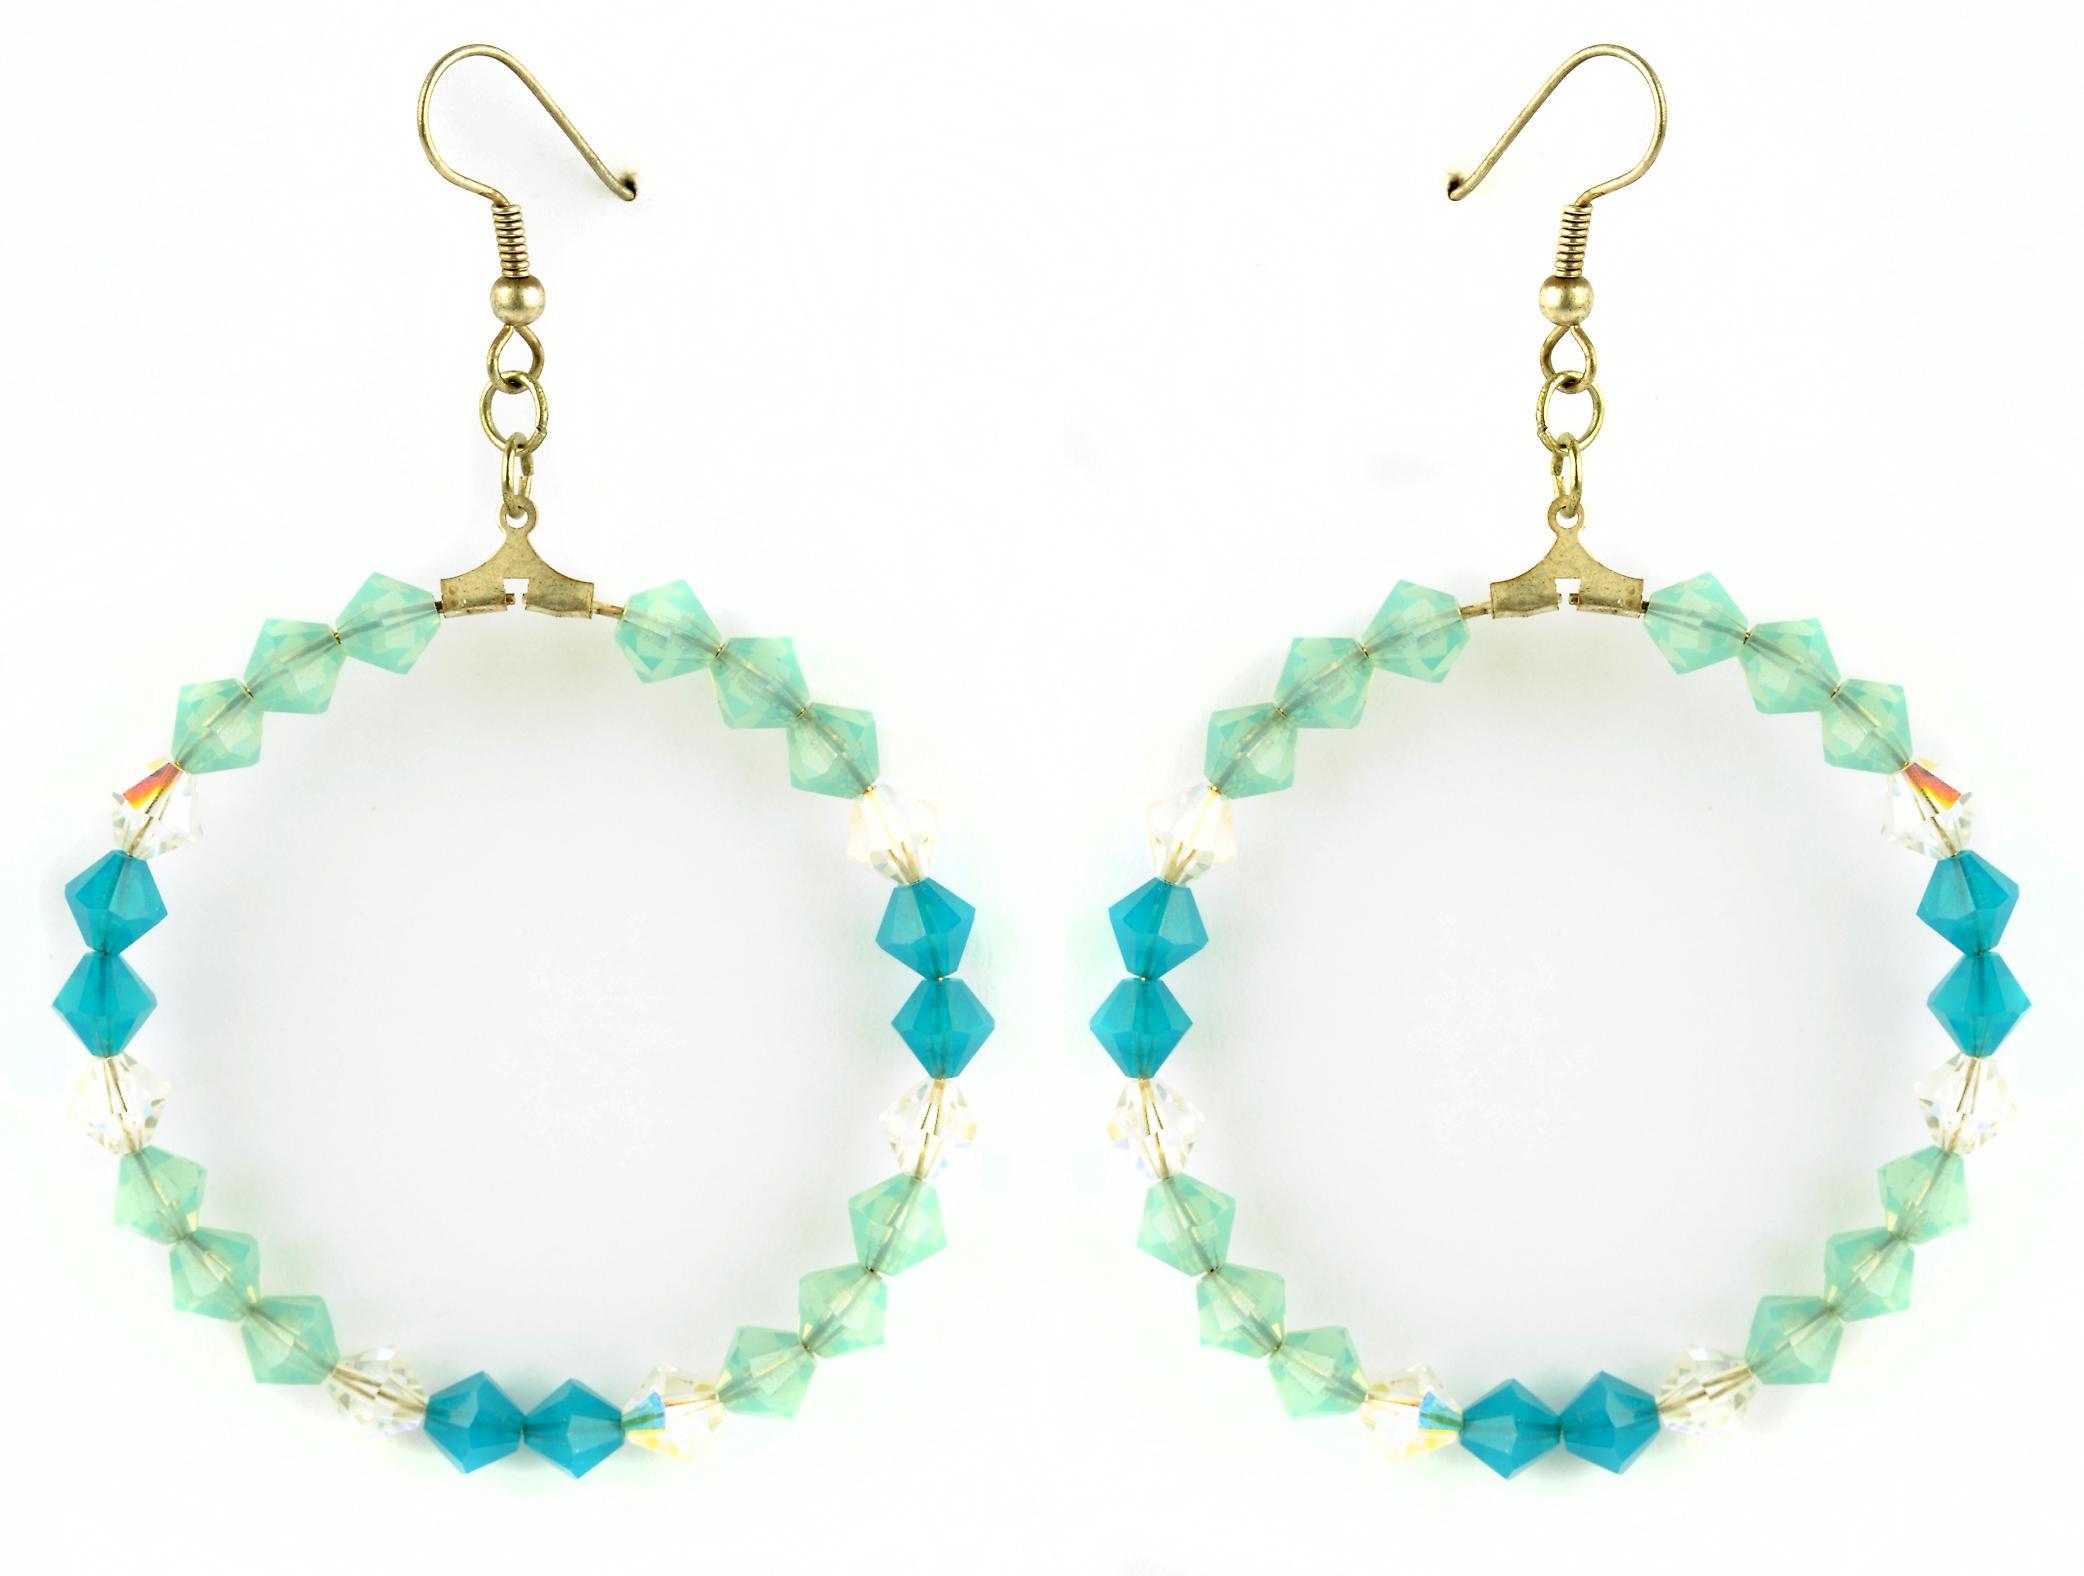 Waooh - sieraden - WJ0764 - stijl Creools met wit groen blauw Swarovski crystal oorbellen